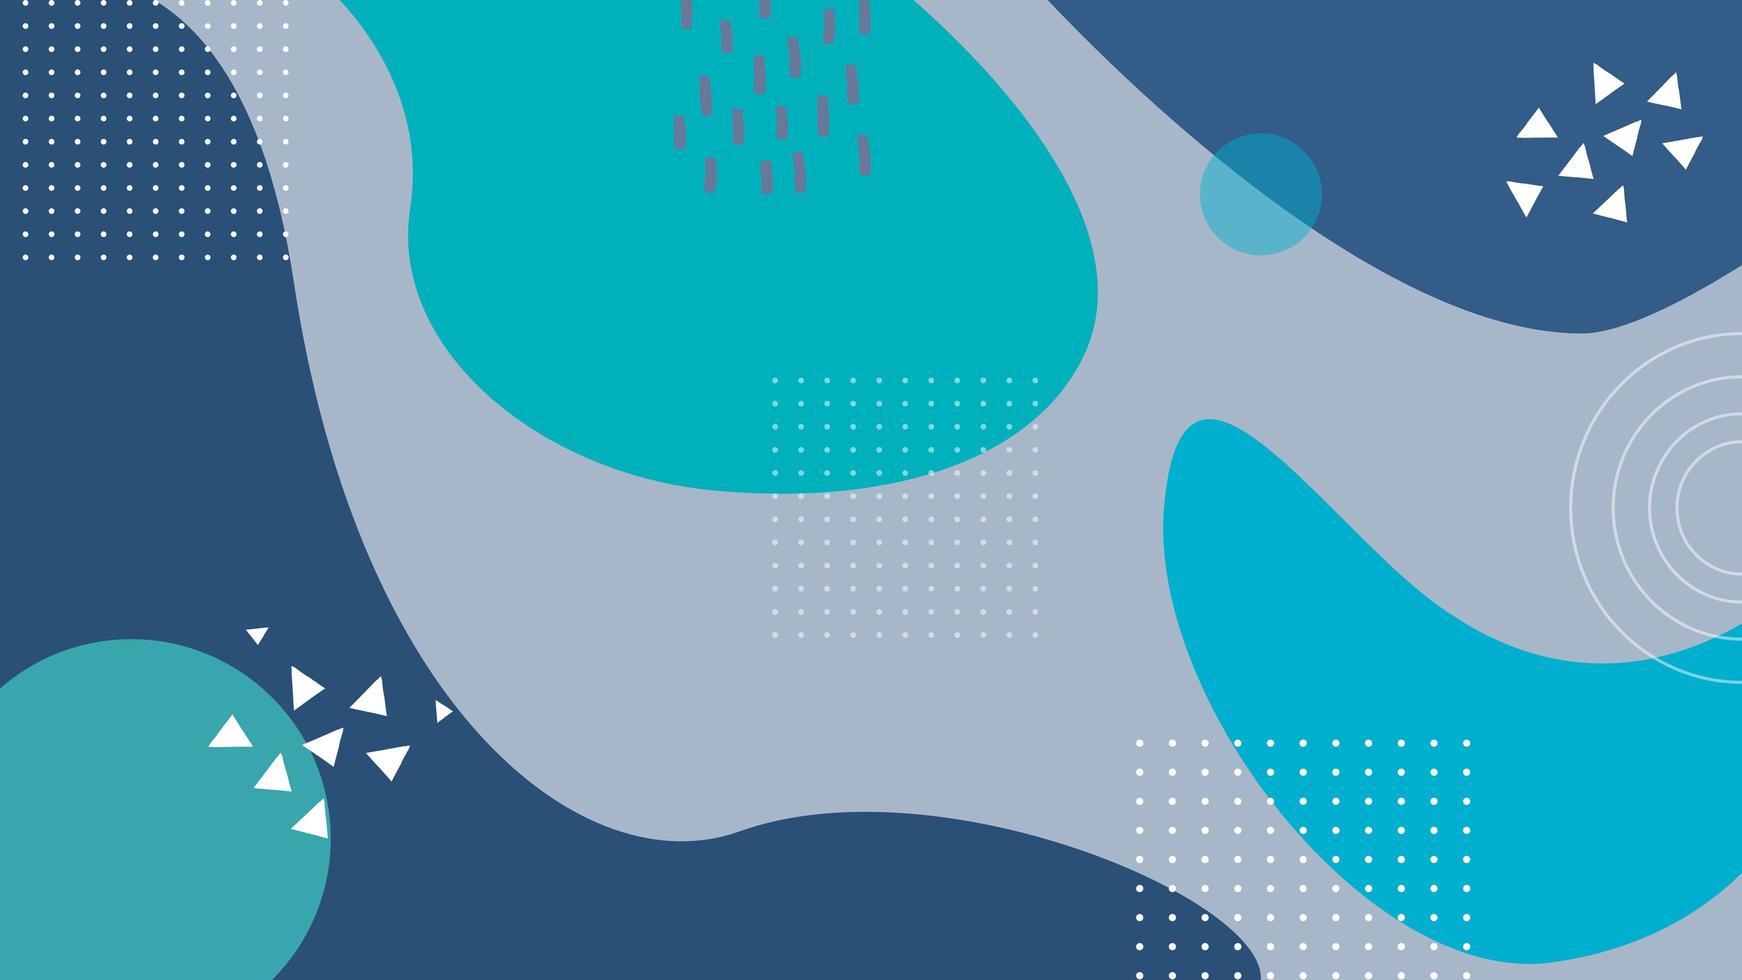 blauwgroen ontwerp met abstracte golvende vormen vector